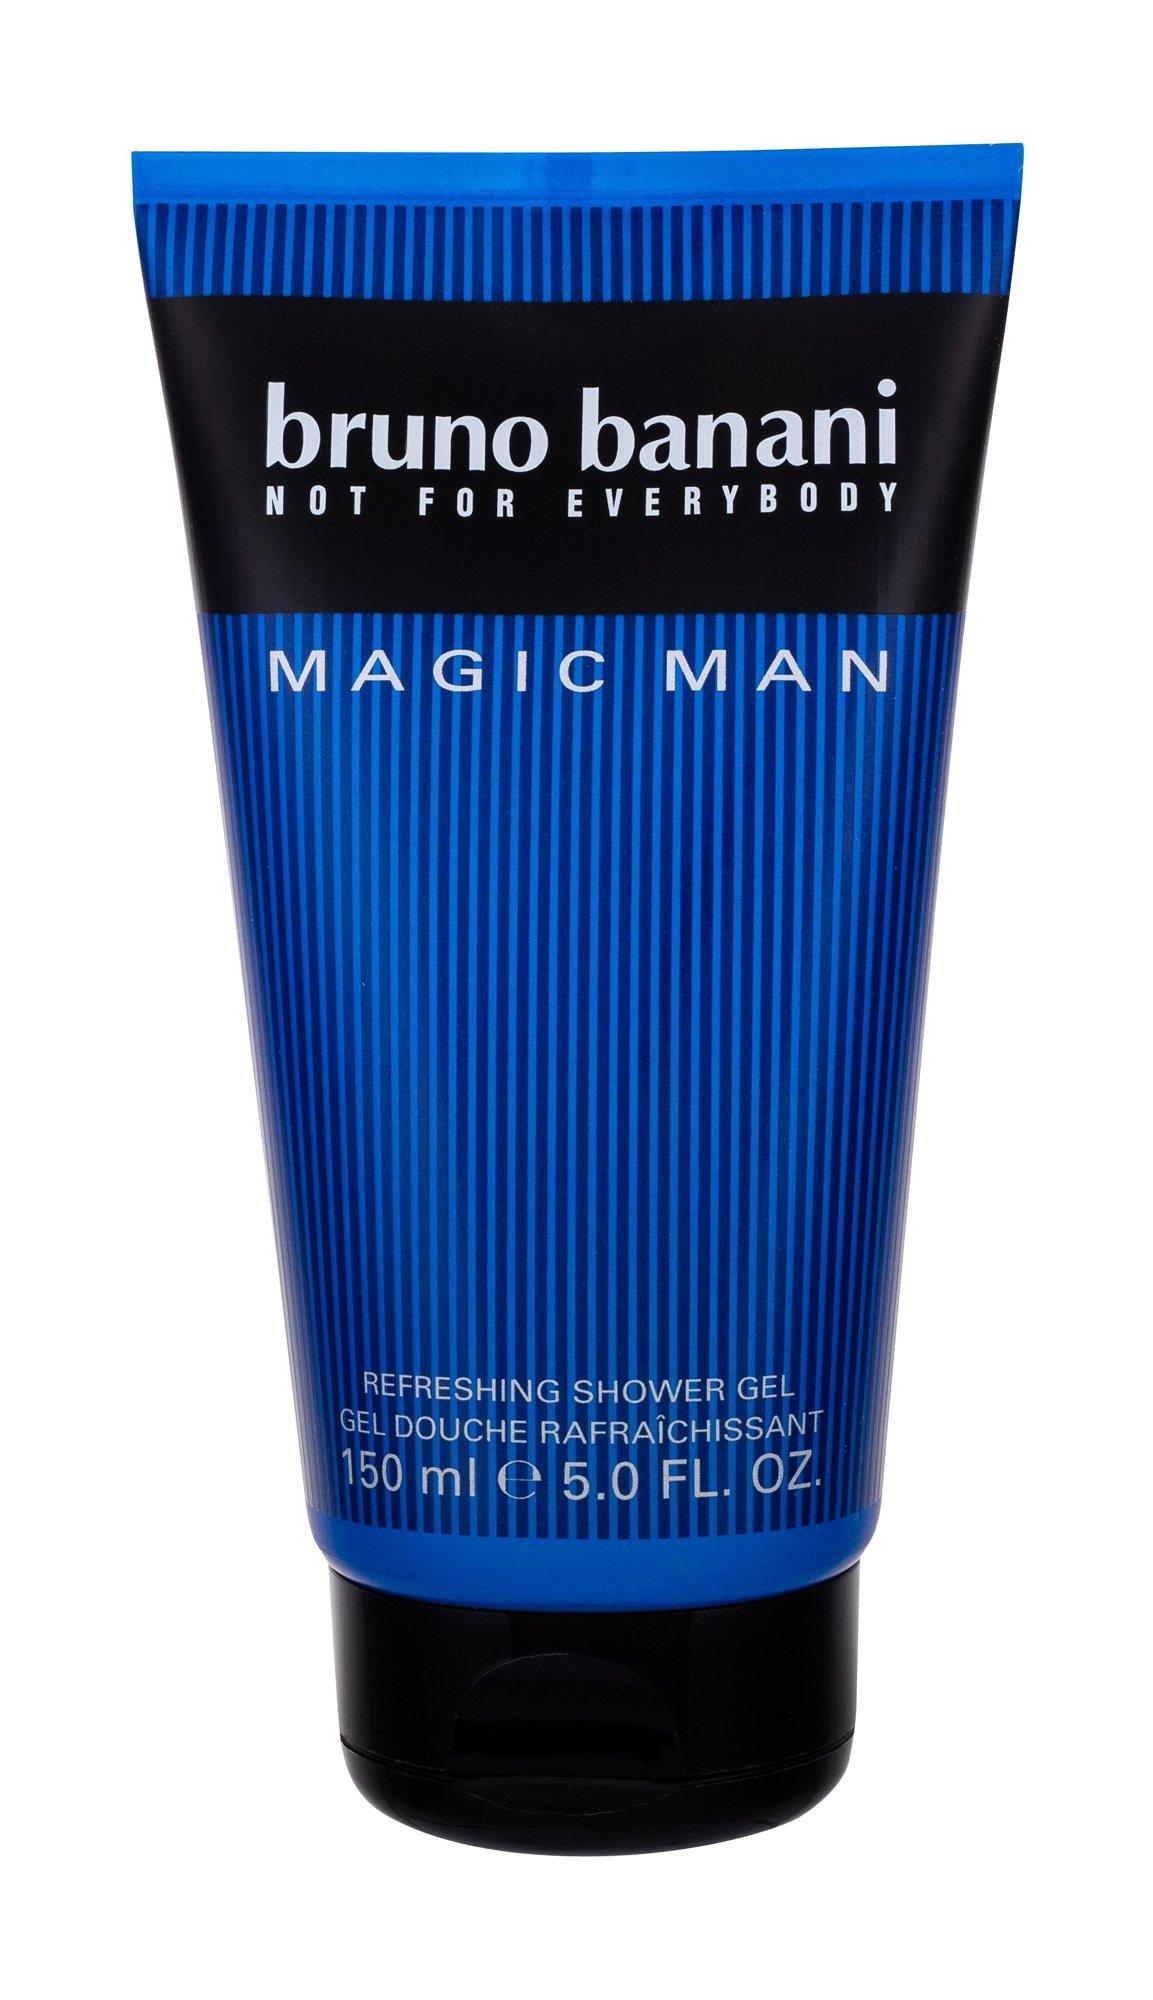 Bruno Banani Magic Man, Sprchovací gél 150ml